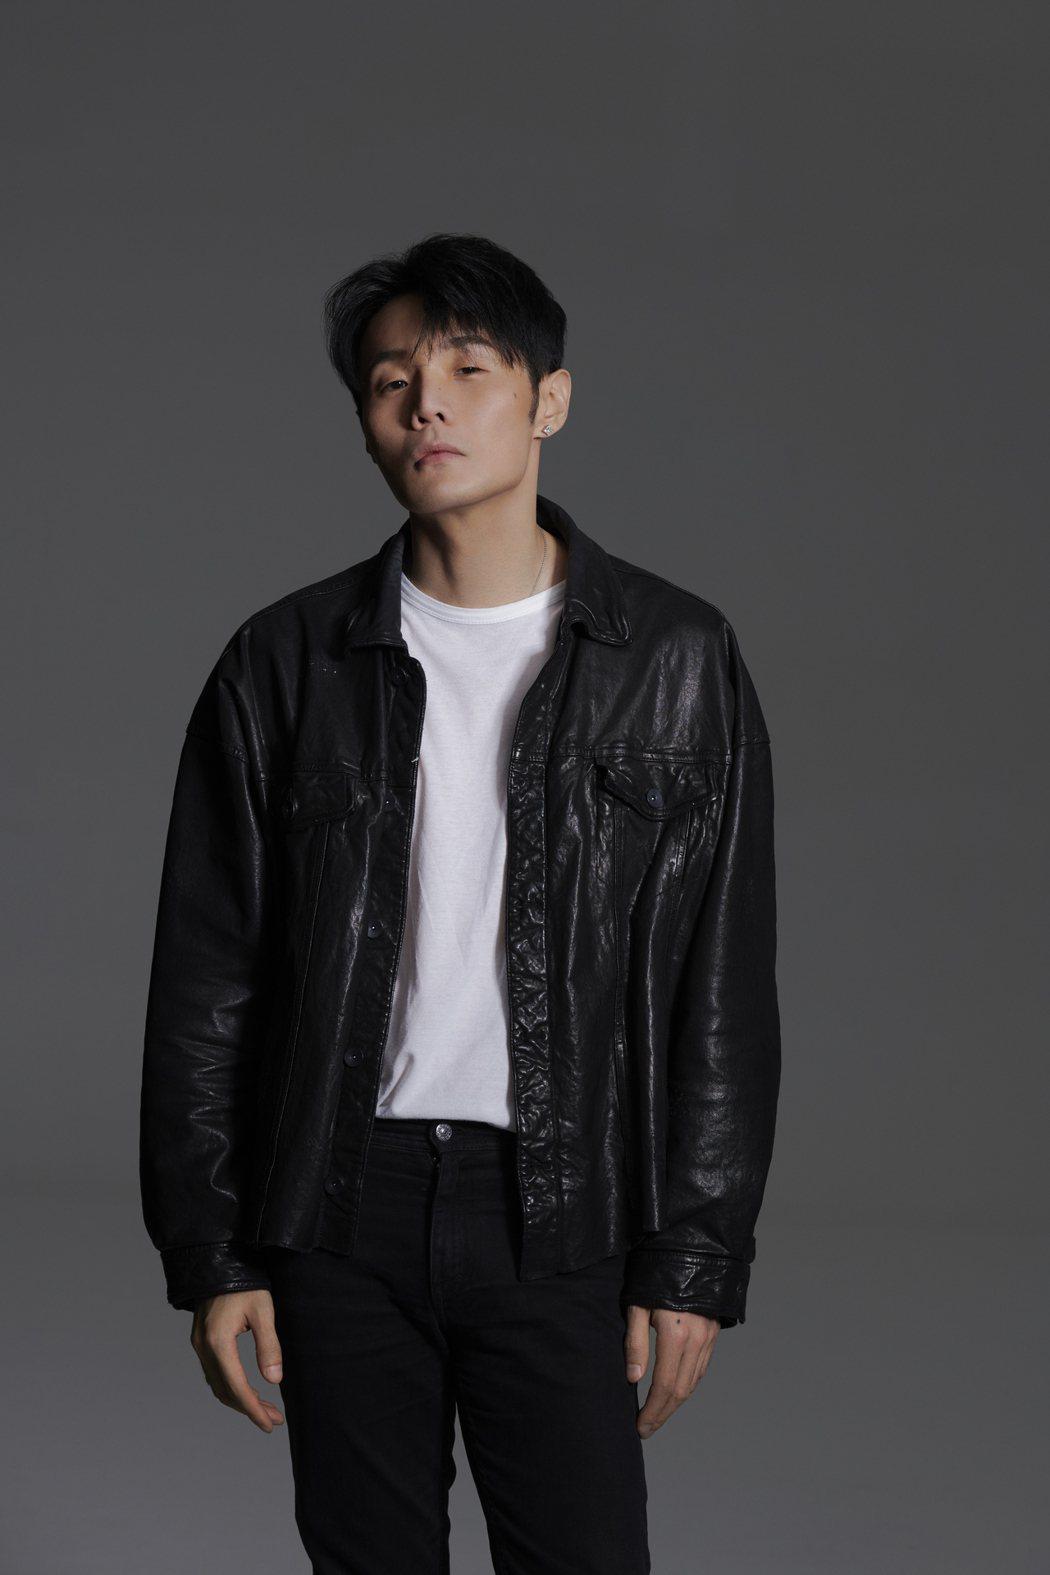 李榮浩推出新歌「麻雀」。圖/華納提供